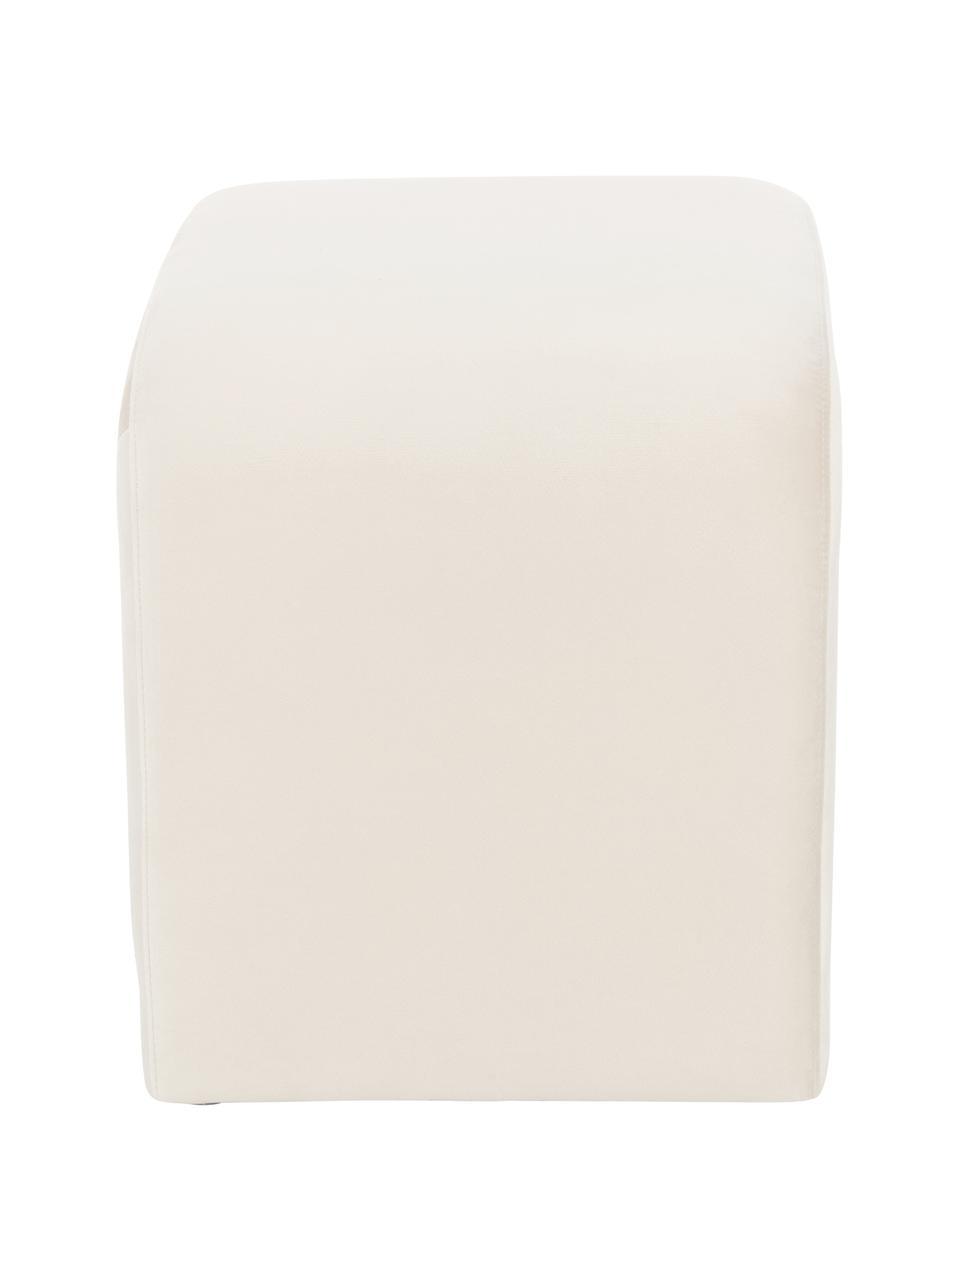 Stołek z aksamitu Penelope, Tapicerka: aksamit (poliester) 2500, Stelaż: metal, płyta wiórowa, Kremowobiały, S 61 x W 46 cm